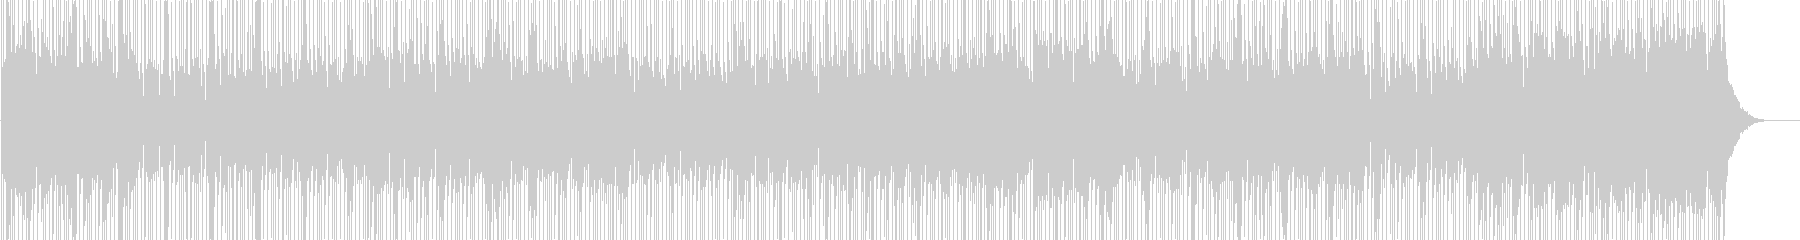 テレビのバックグラウンドミュージッ...の未再生の波形